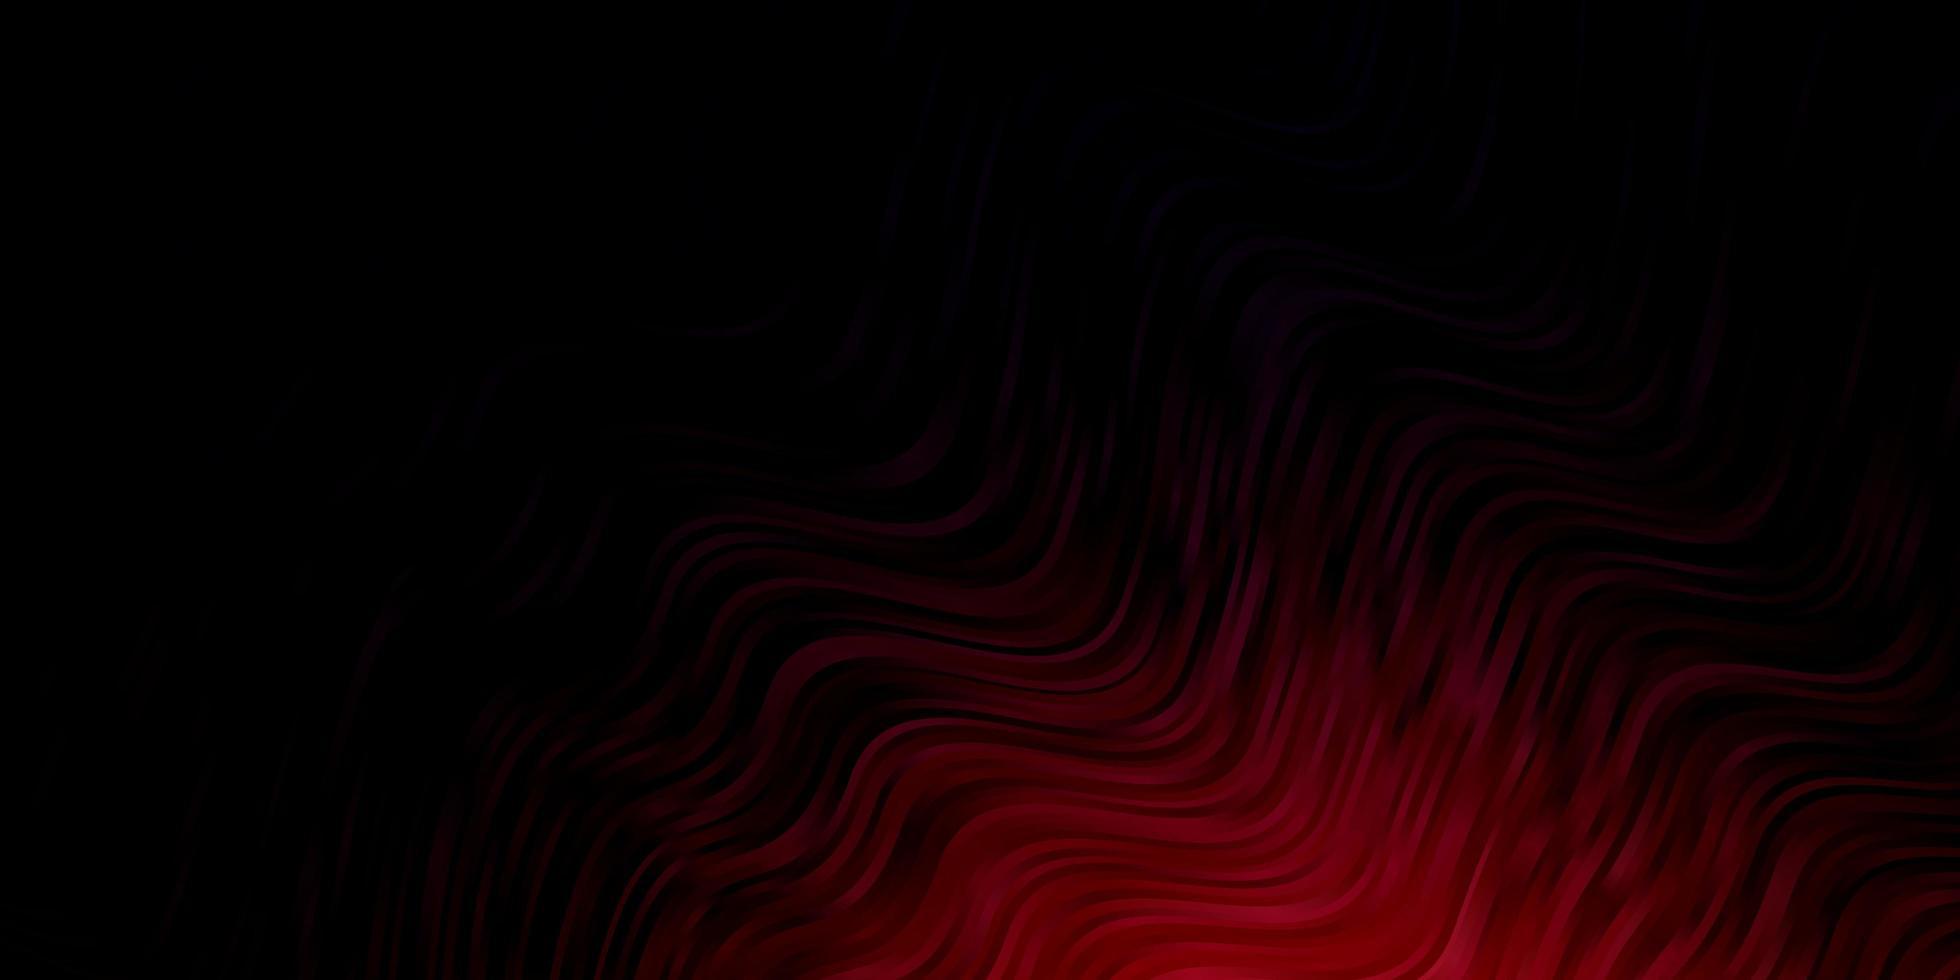 mörkrött mönster med sneda linjer. vektor